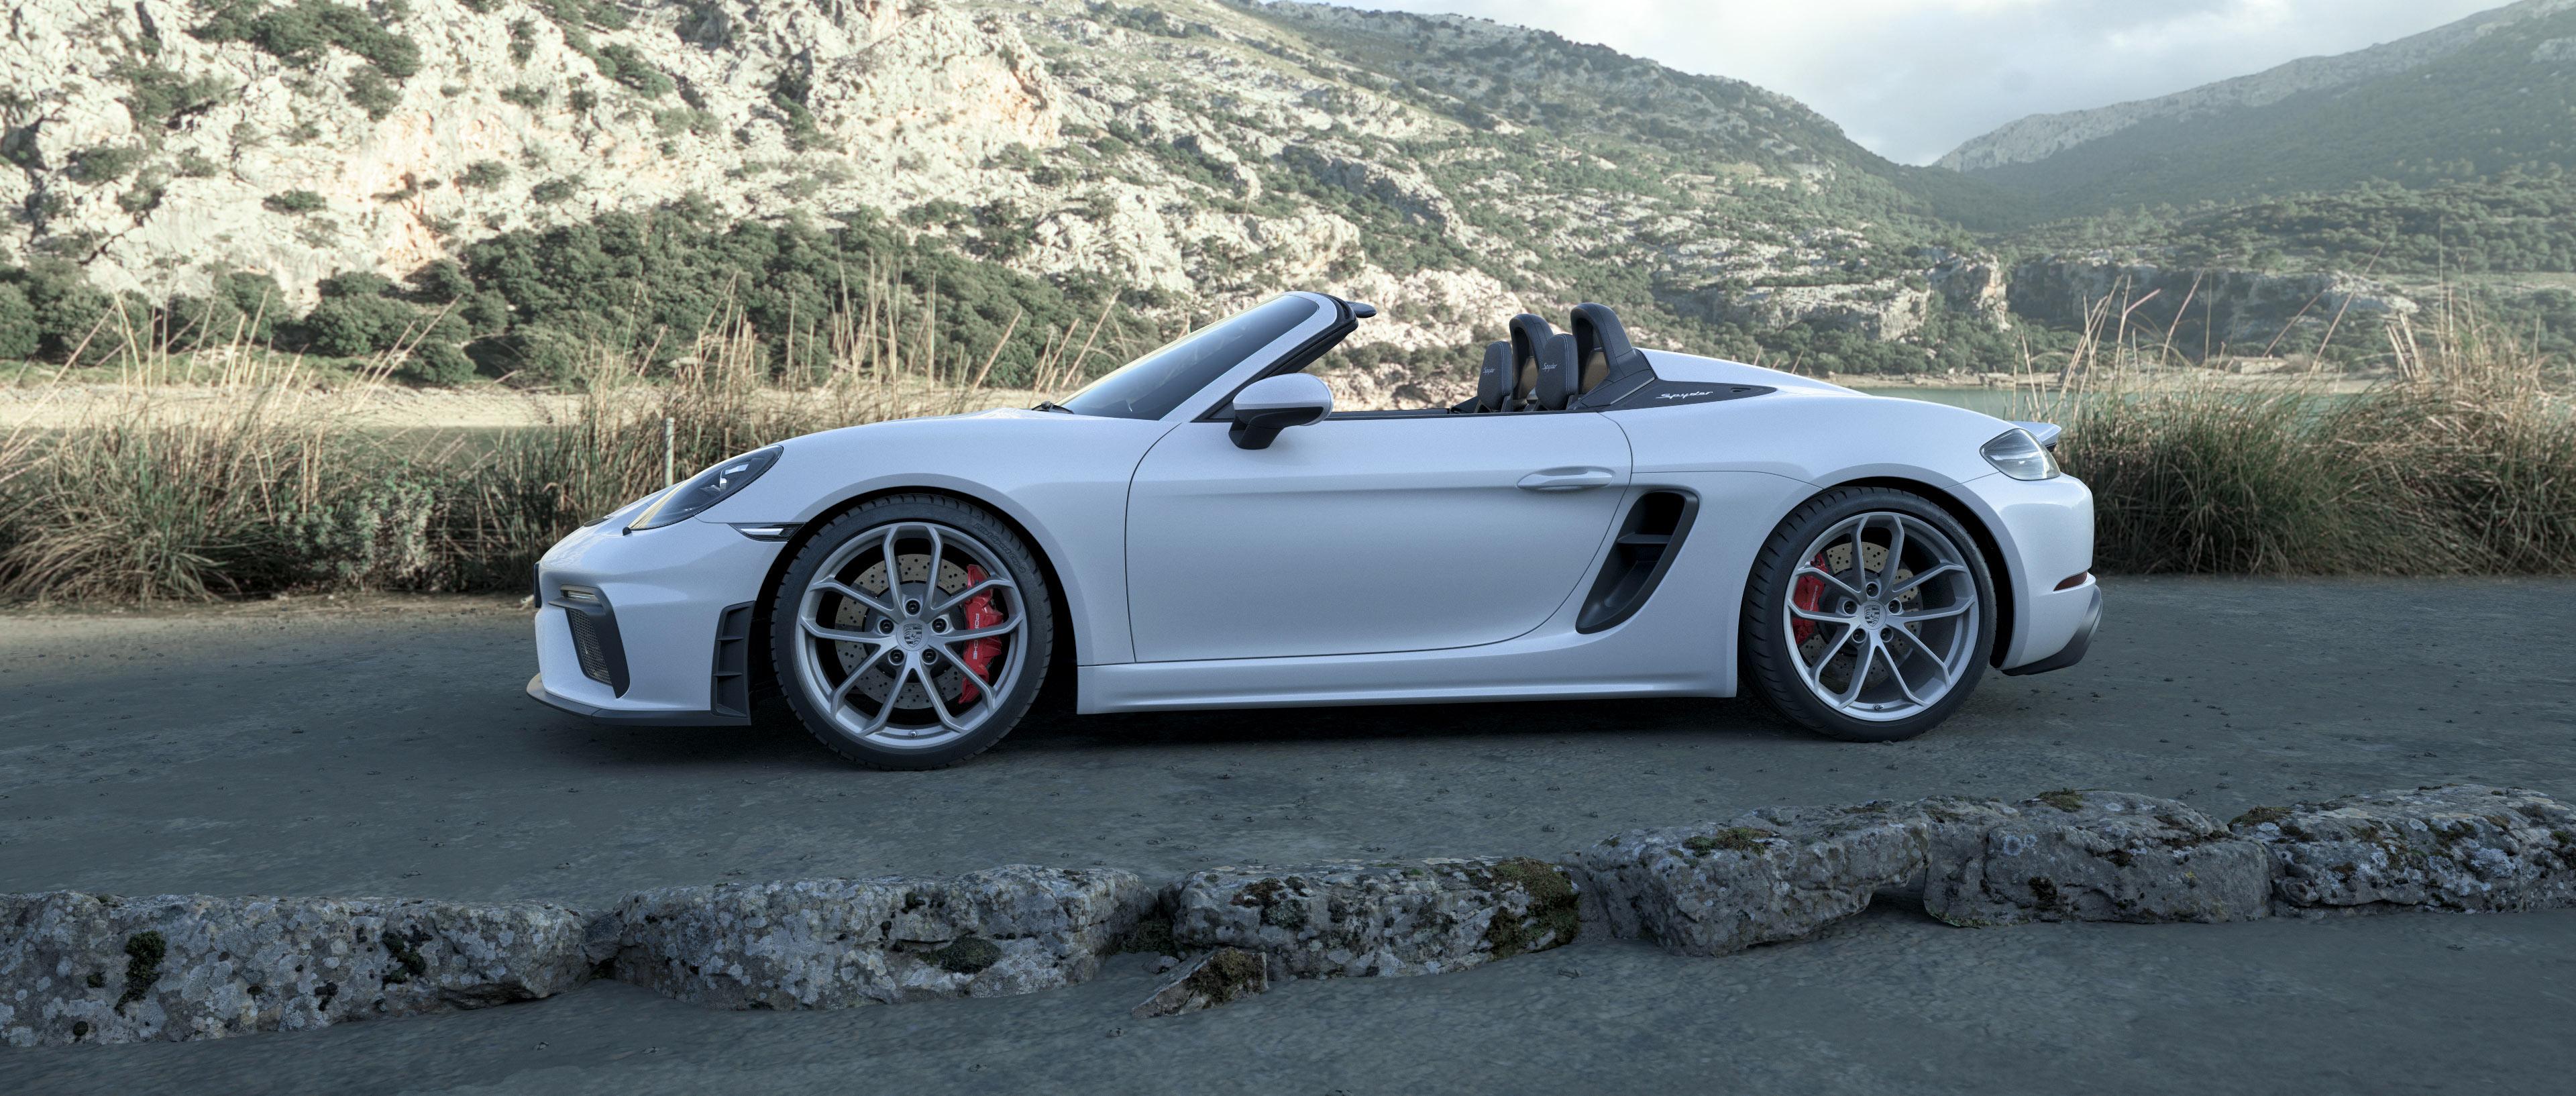 Porsche 718 Spyder Porsche Brazil